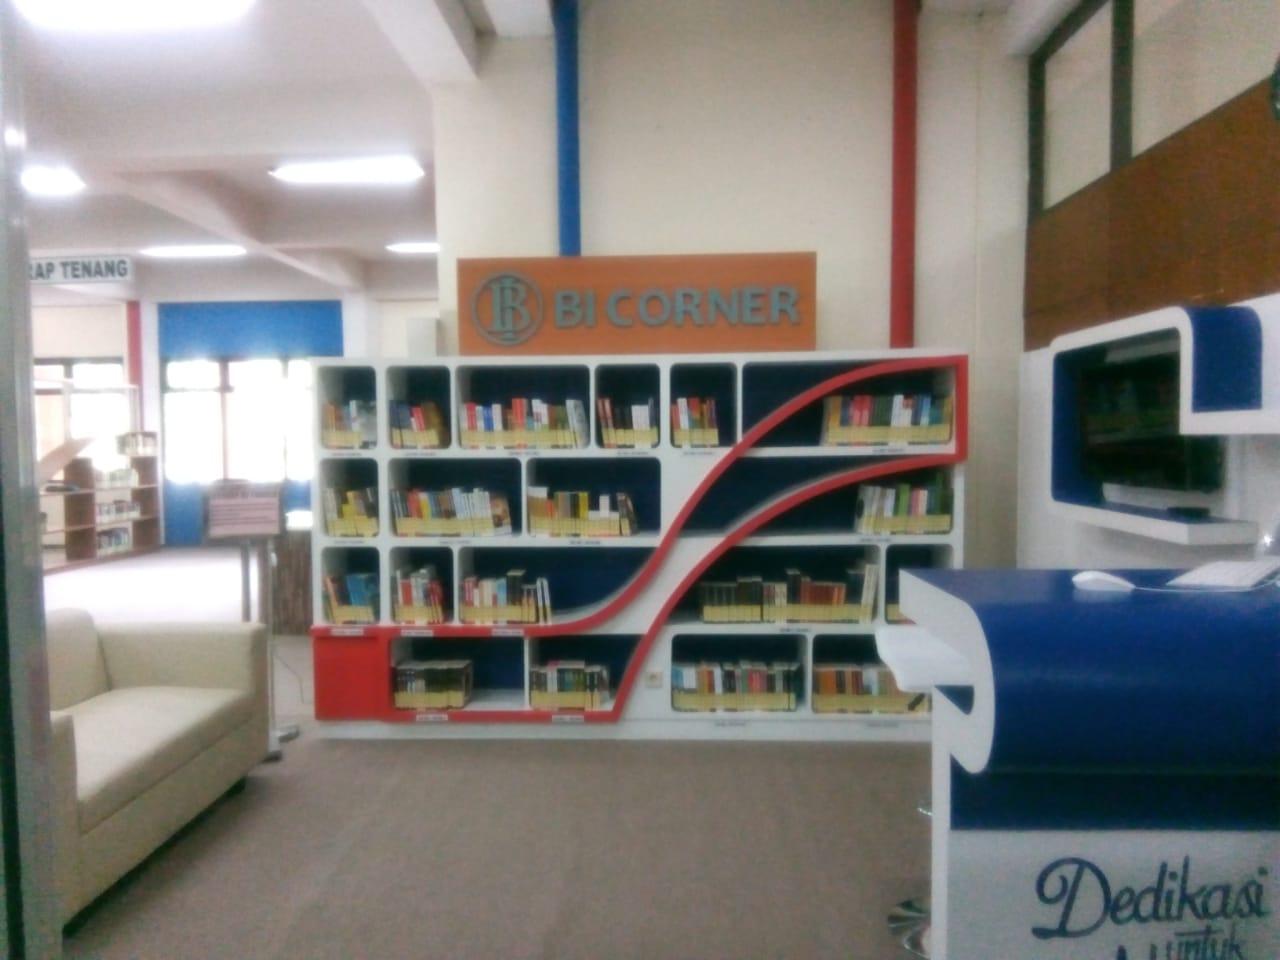 Layanan Bi Corner Di Perpustakaan Um Upt Perpustakaan Universitas Negeri Malang